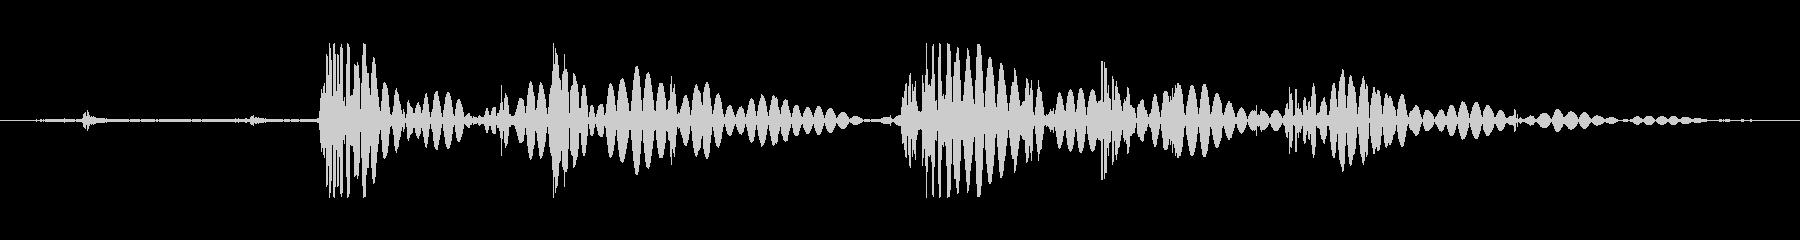 ショートローリングロックタンブルの未再生の波形